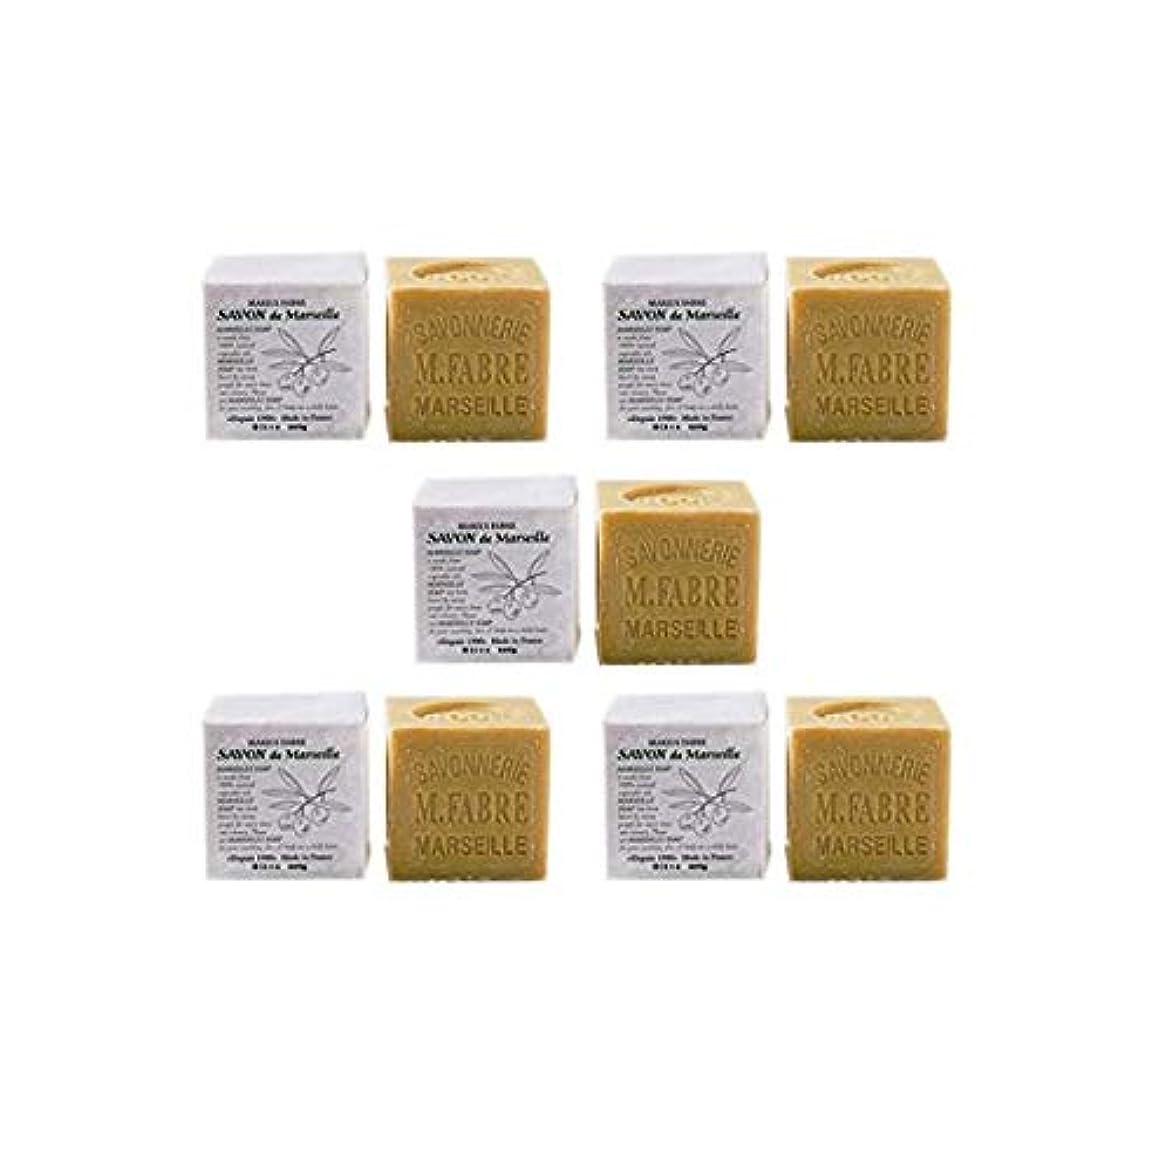 突進刑務所世界記録のギネスブックマリウスファーブルジューン社 サボンドマルセイユ無香料200gオリーブN 5個セット(200g×5個)無添加オリーブ石鹸